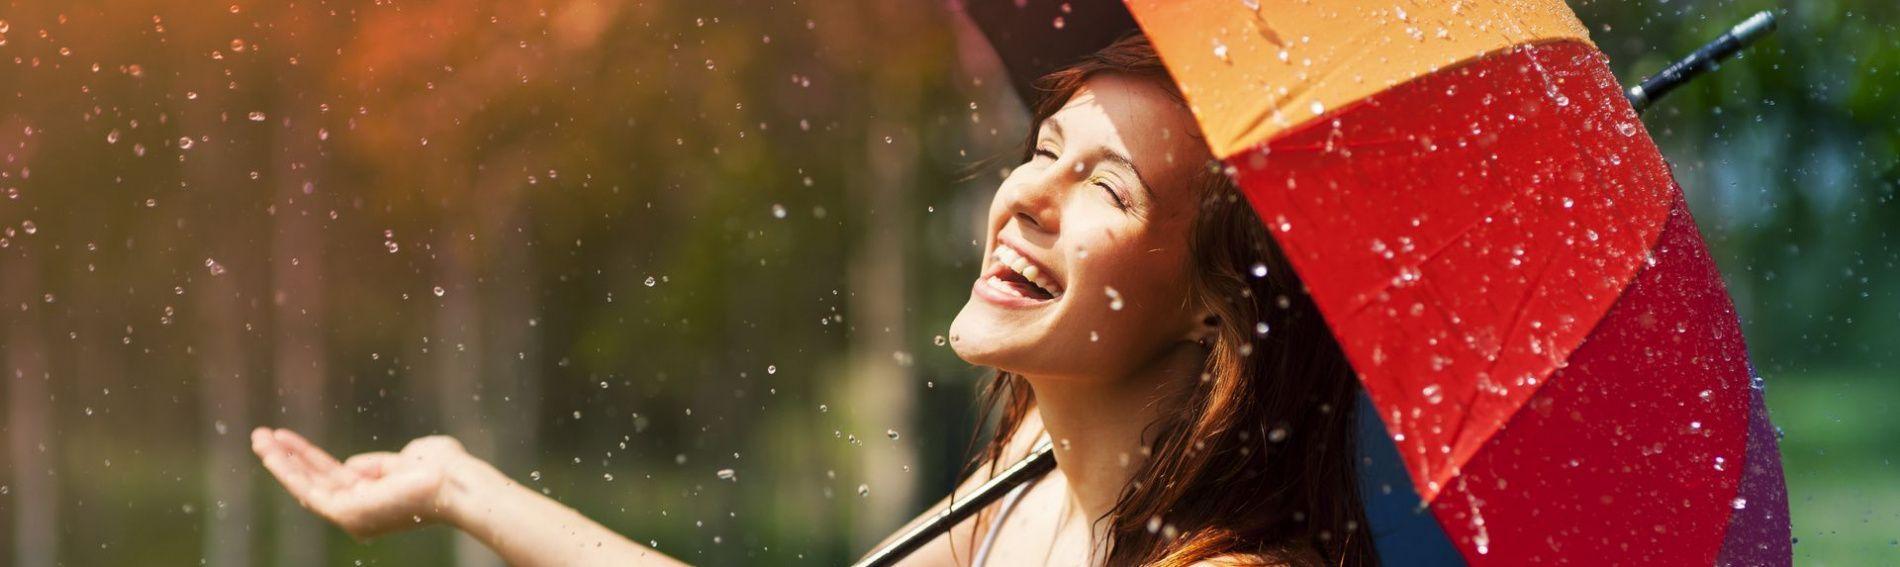 Ключи к хорошему здоровью: как чувствовать себя лучше